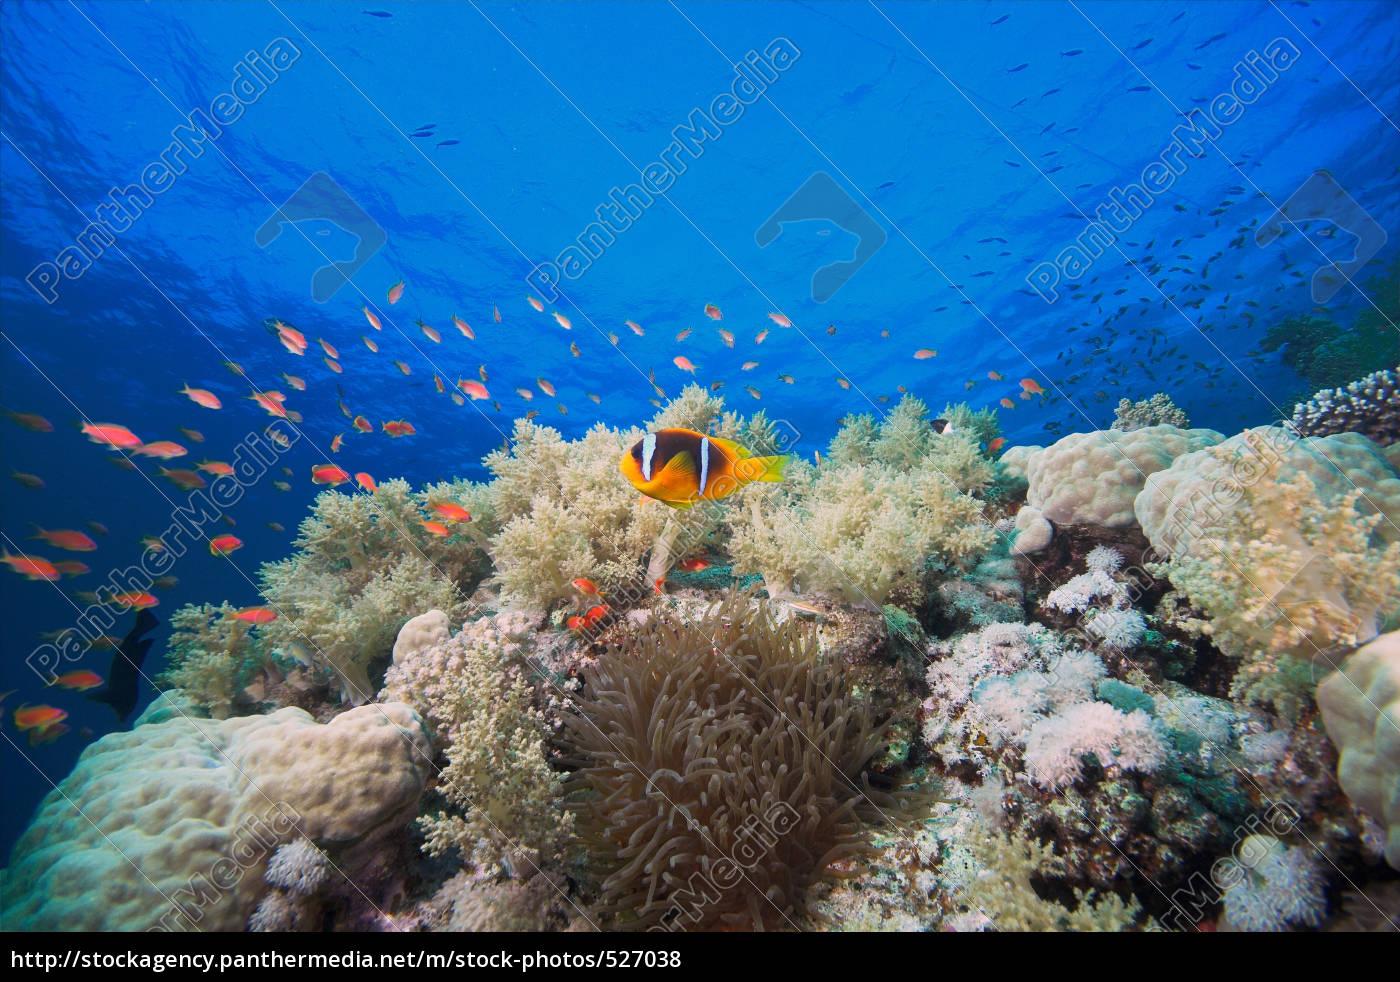 clownfish - 527038